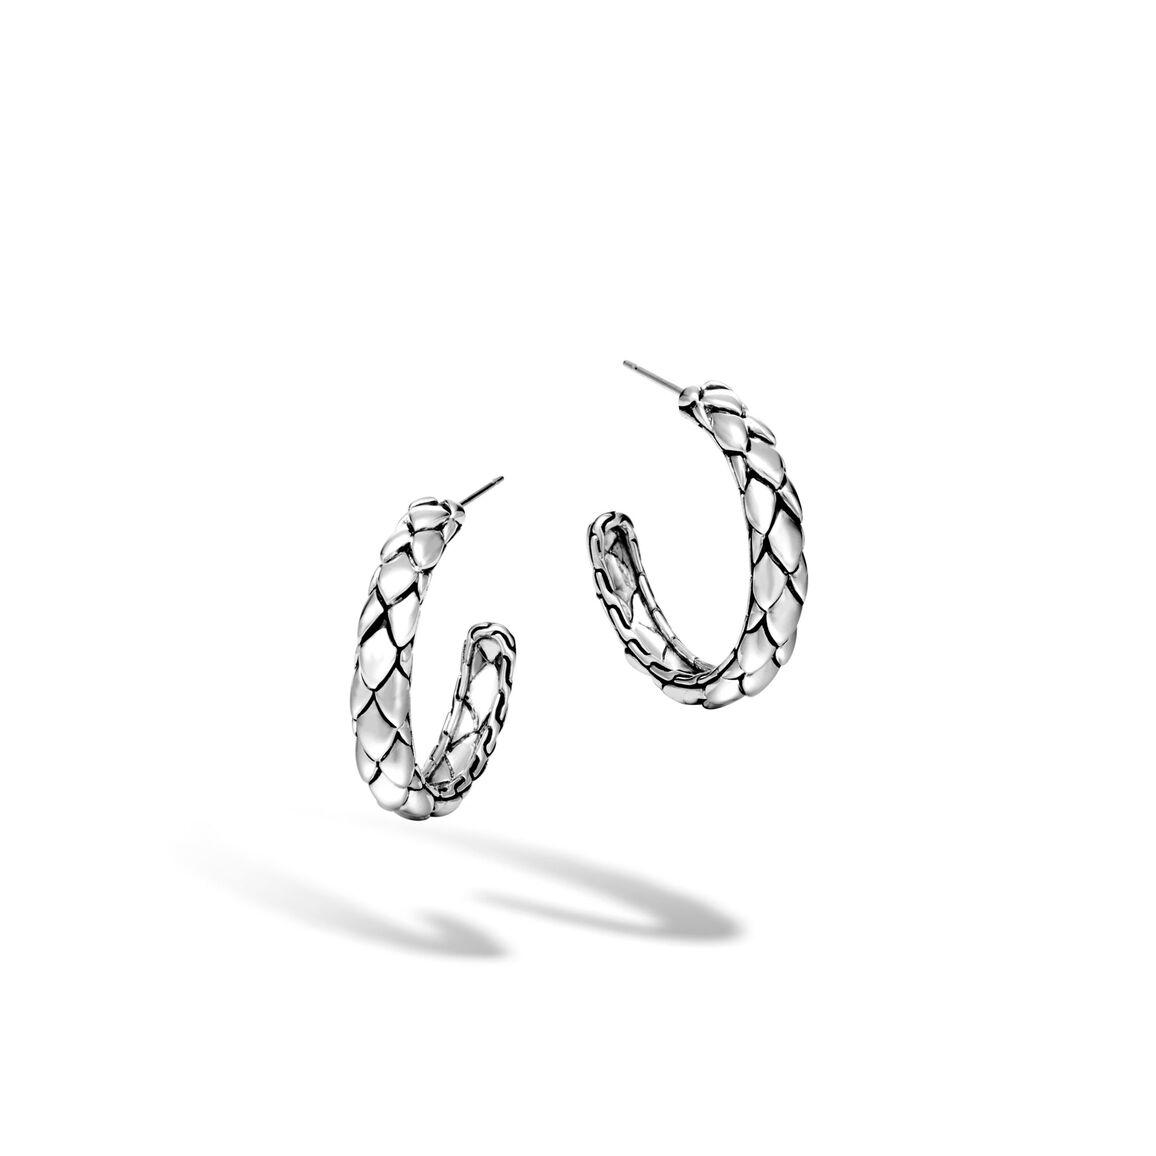 Legends Cobra Small Hoop Earring in Silver